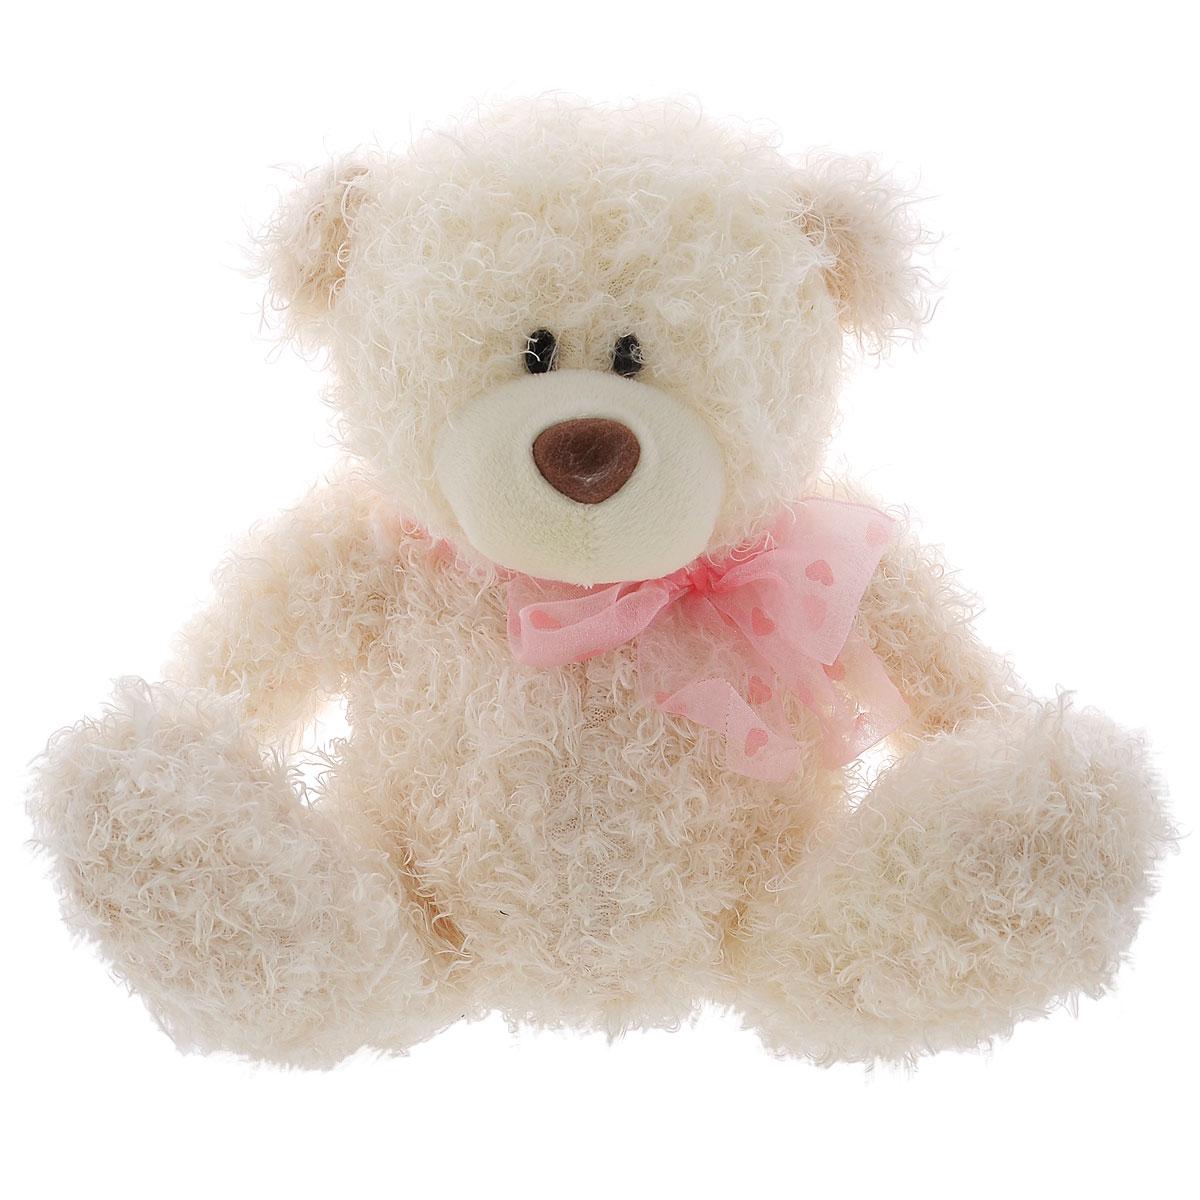 Мягкая игрушка Plush Apple Медведь кудрявый с бантом, 20 см5A00178C(11365)Мягкая игрушка Plush Apple Медведь кудрявый с бантом станет лучшим другом для любого ребенка. Игрушка изготовлена из безопасных, приятных на ощупь текстильных материалов в виде медвежонка с бантиком на шее. Глазки и нос игрушки выполнены из пластика. Удивительно мягкая игрушка принесет радость и подарит своему обладателю мгновения нежных объятий и приятных воспоминаний.